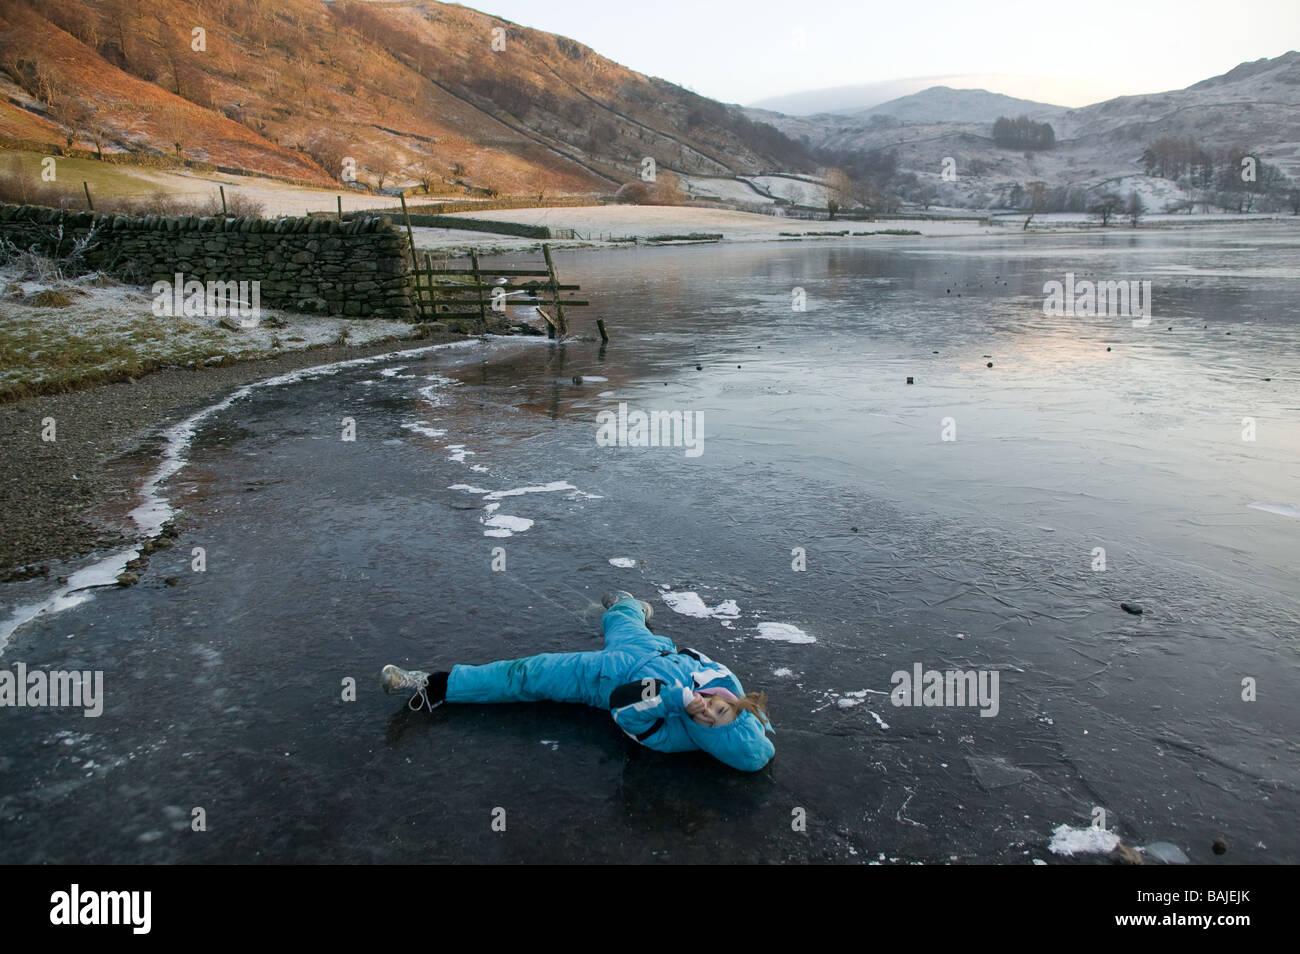 Jeune fille jouant sur la glace d'un lac gelé dans le Lake District, Cumbria, Royaume-Uni Photo Stock